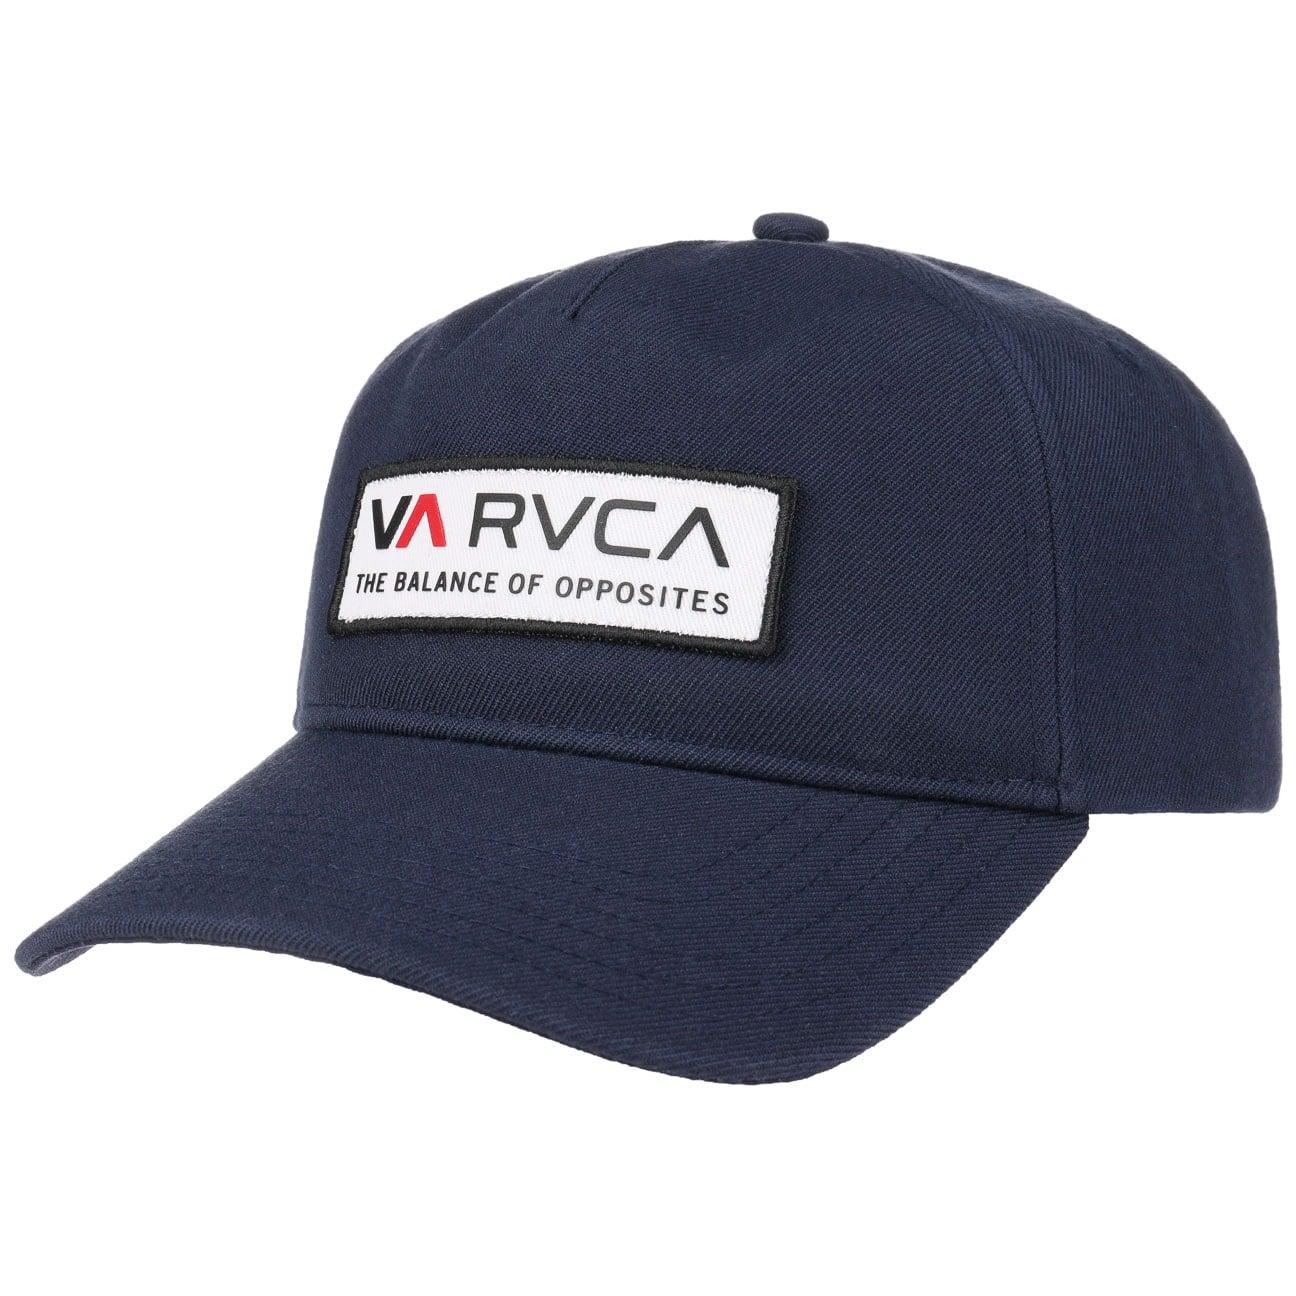 Gorra Snapback VA by RVCA